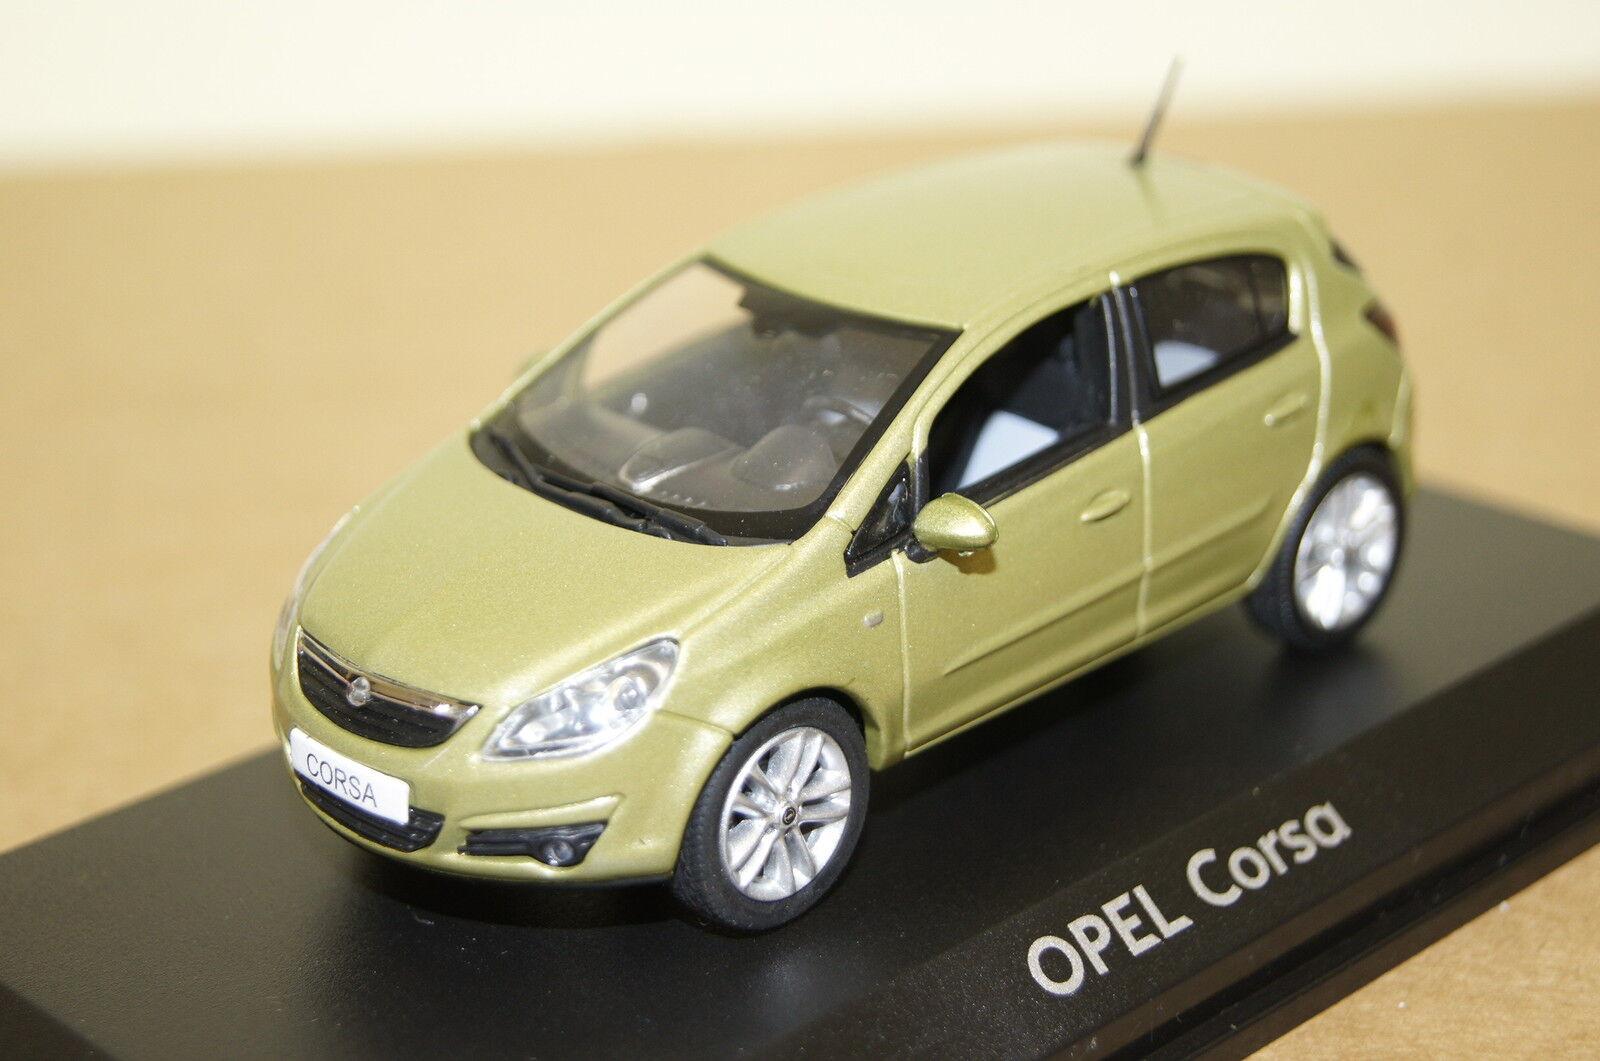 Opel Corsa Corsa Corsa 5-türer green met. 1 43 Opel Norev neu + OVP a962a8